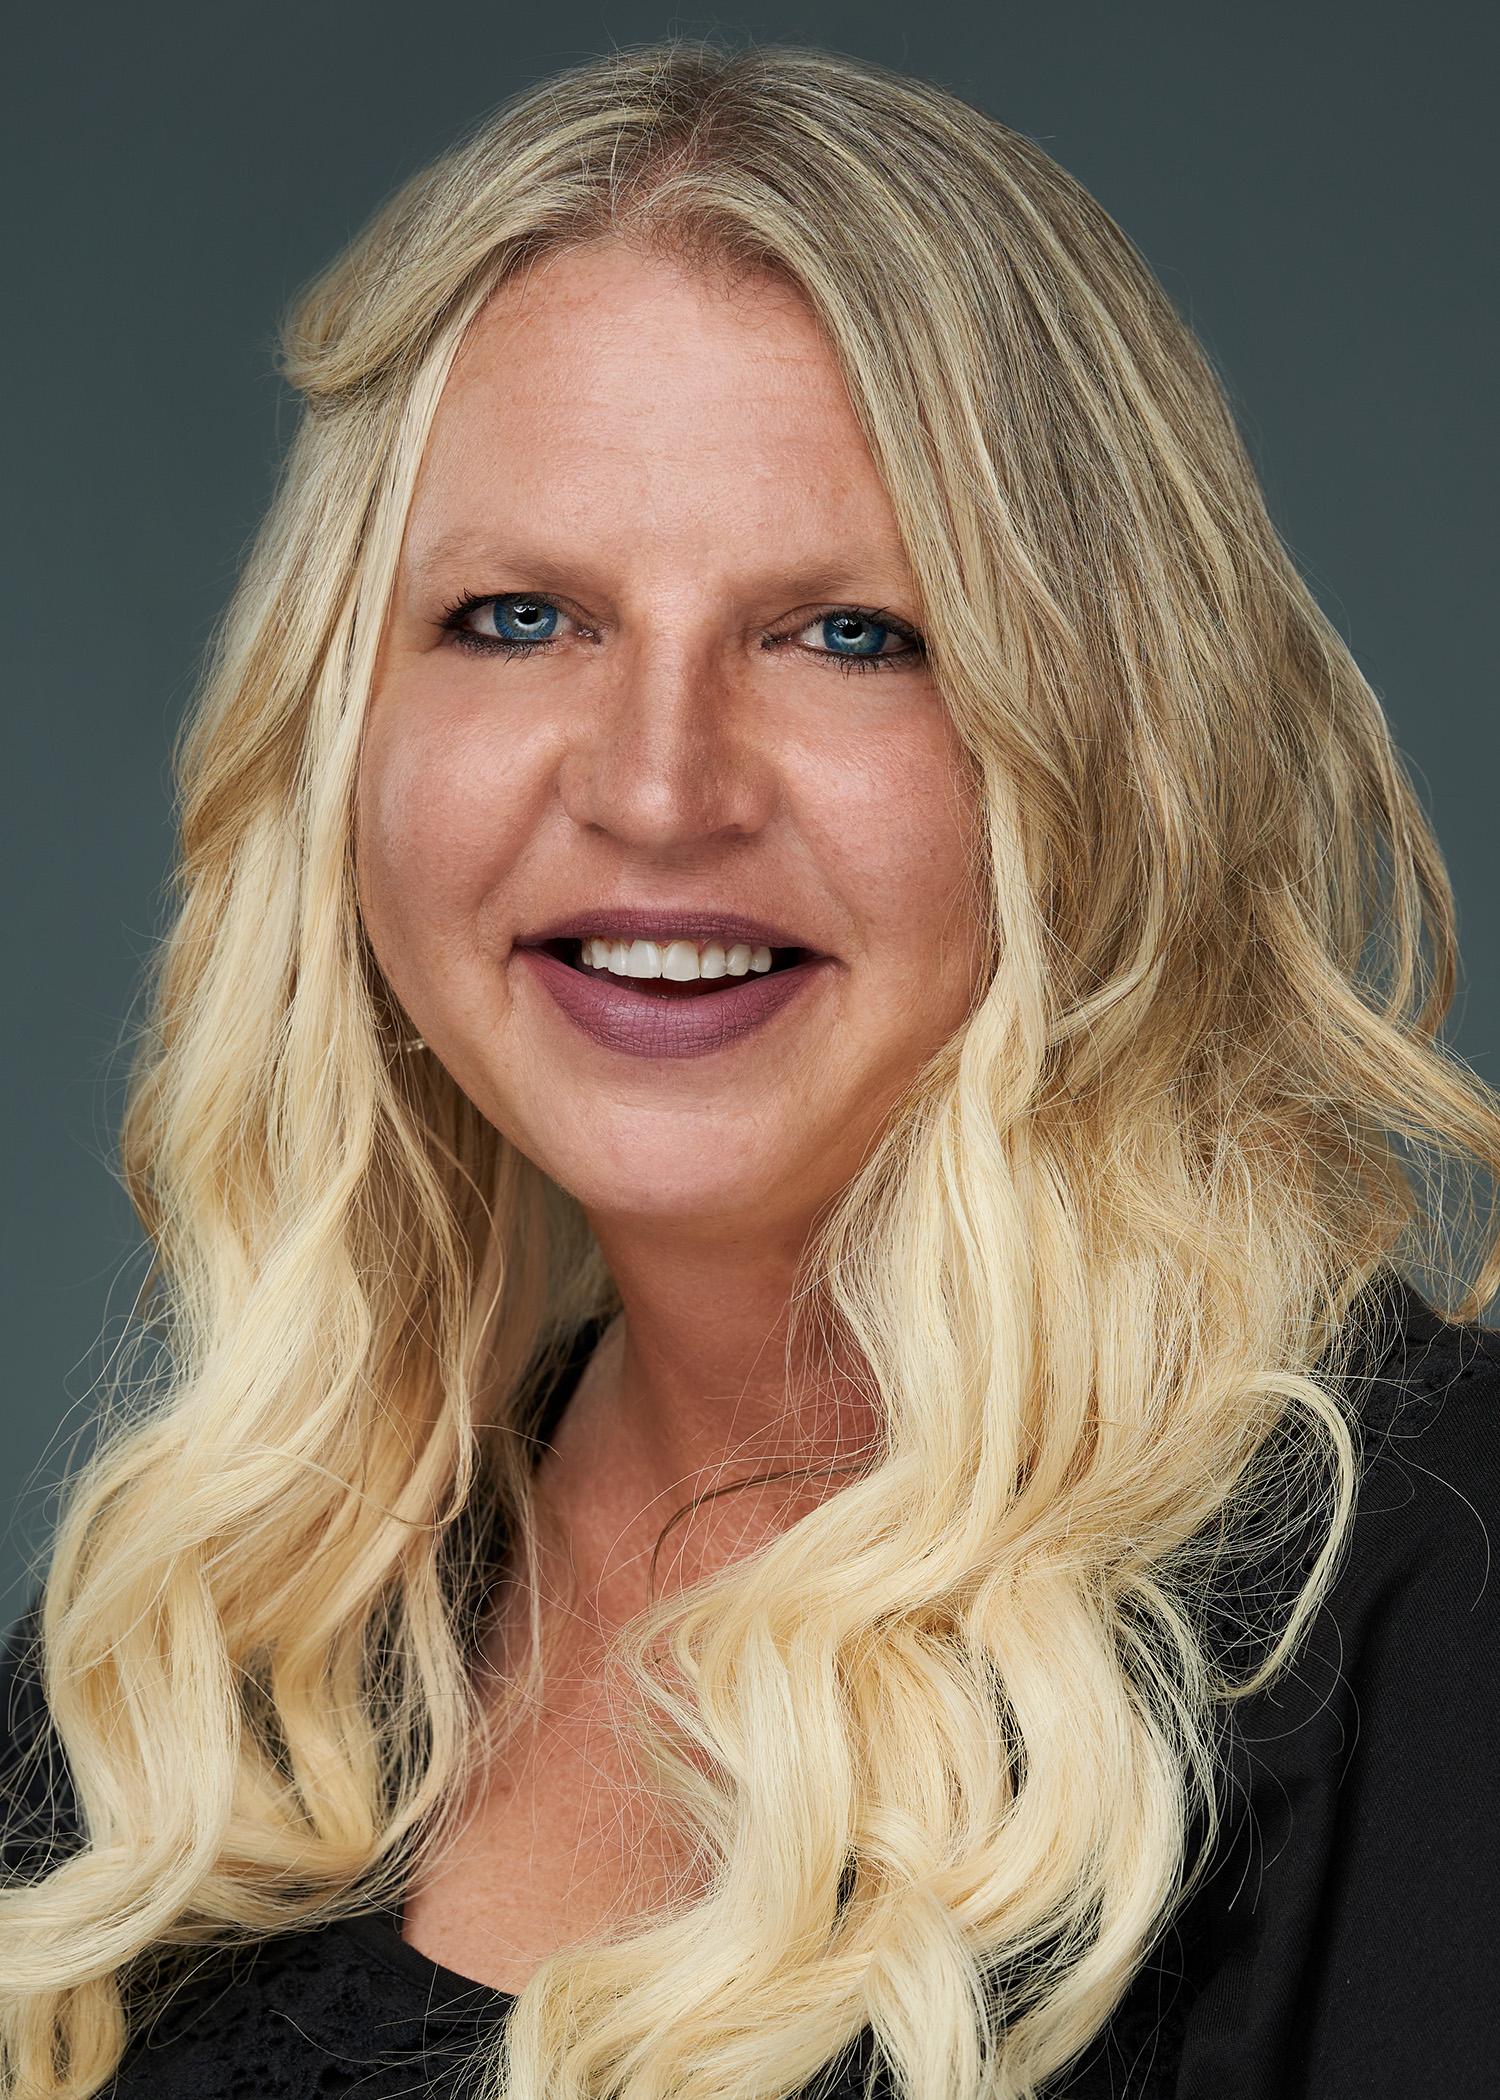 Brenda Schillinger